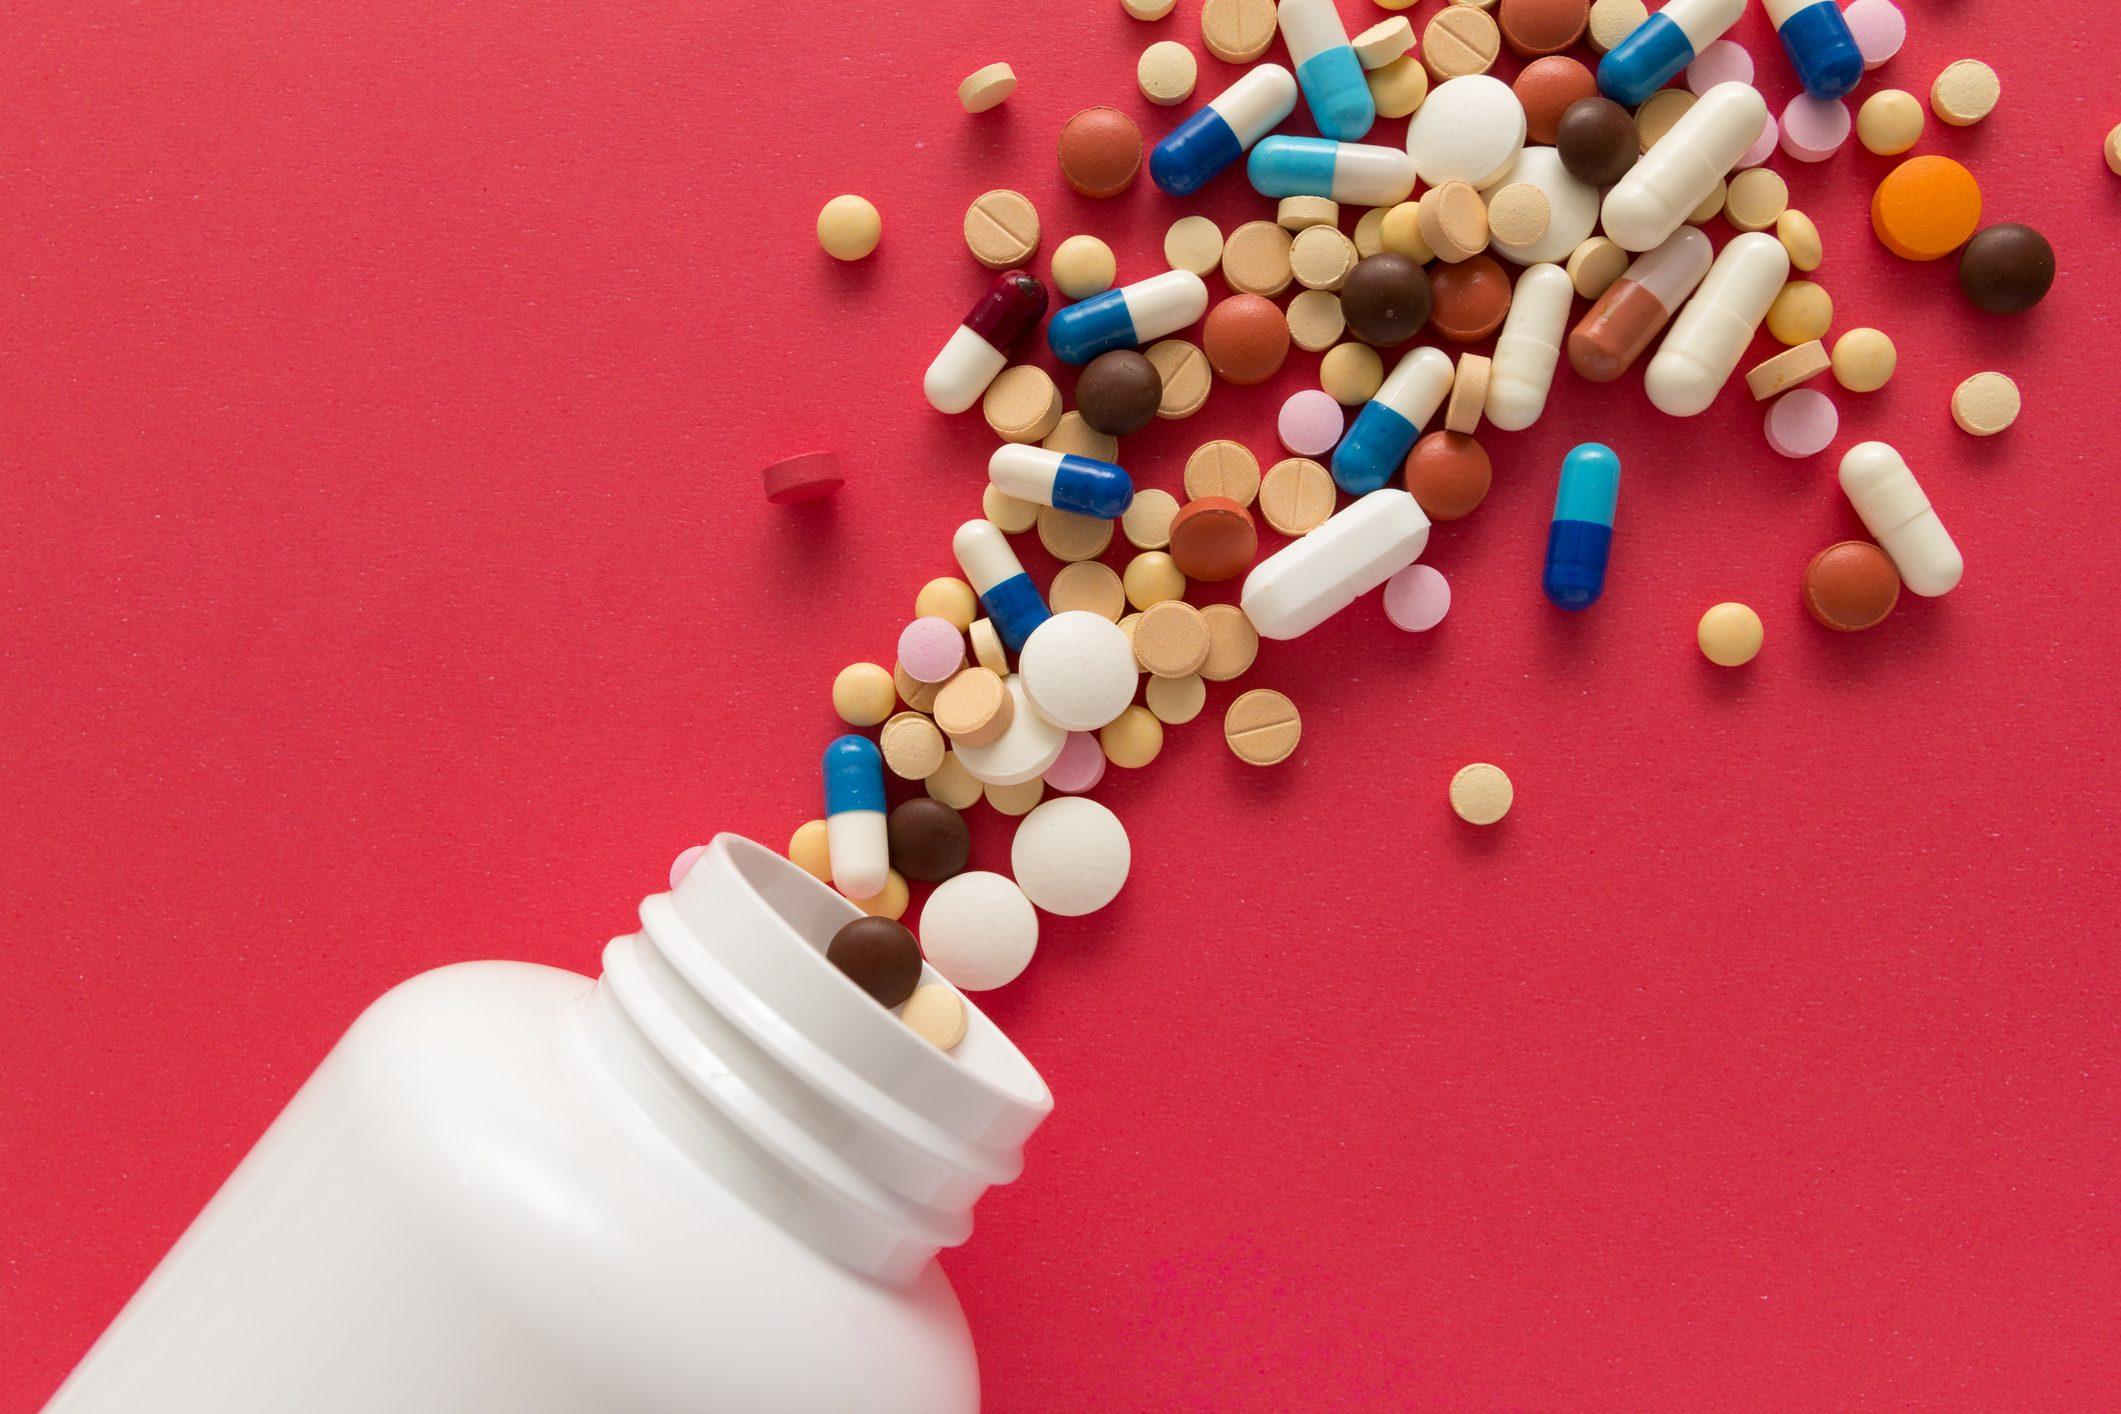 ricerca sugli integratori vitaminici